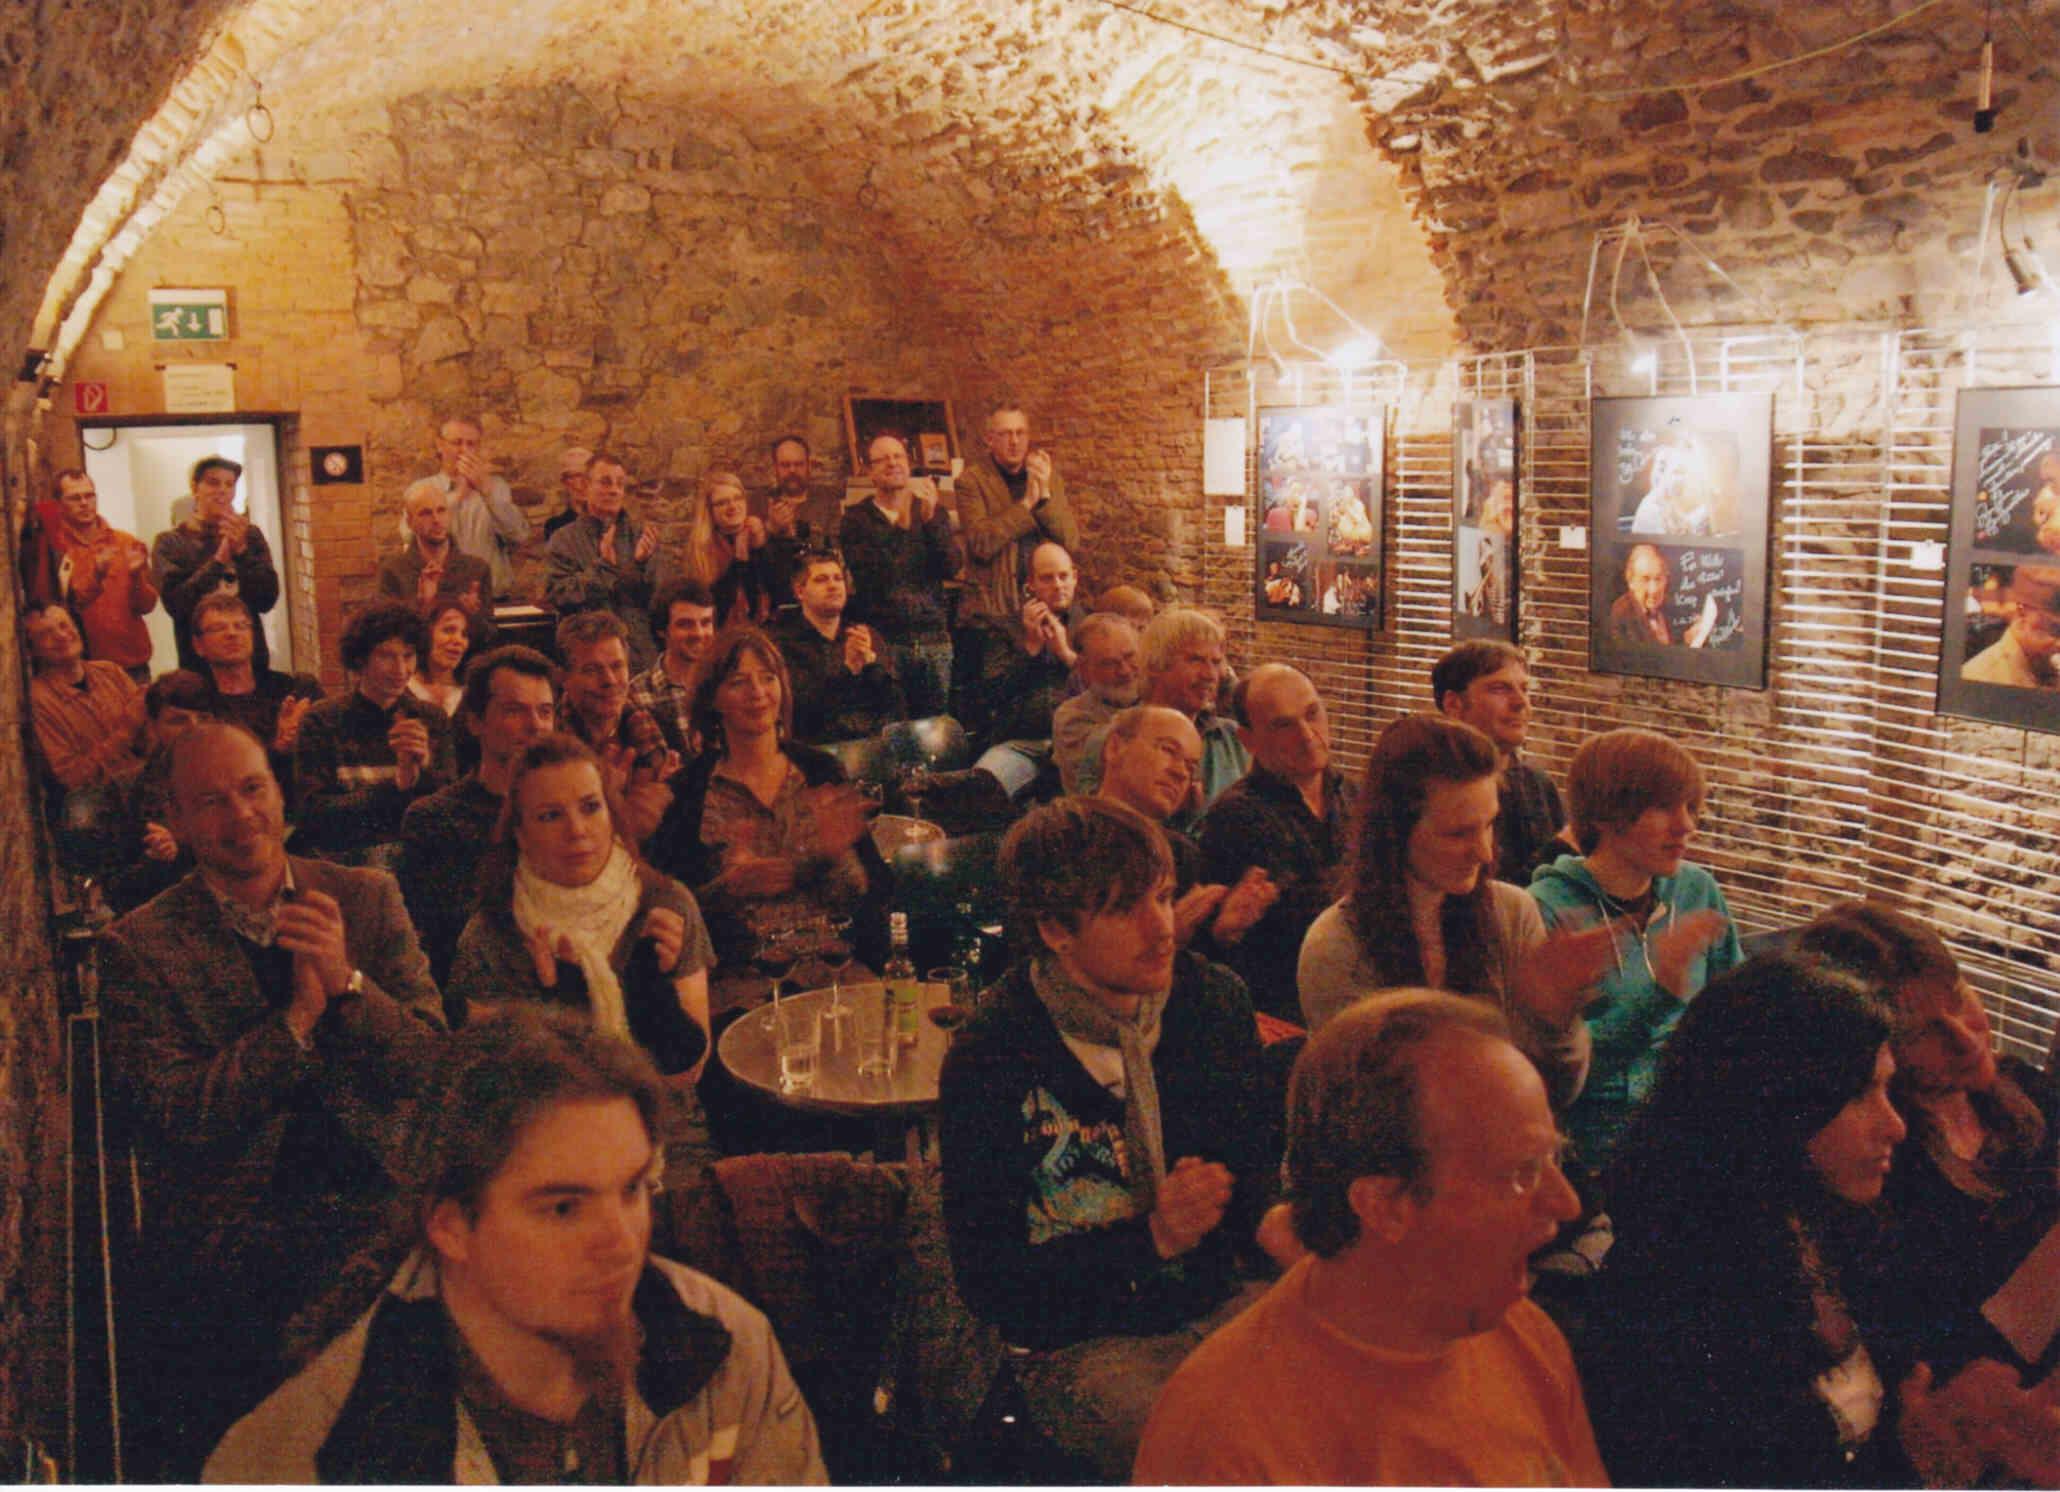 20_Jazzinstitut_Konzertpublikum_2010_03_(Ruediger_Vogt)_01.jpg